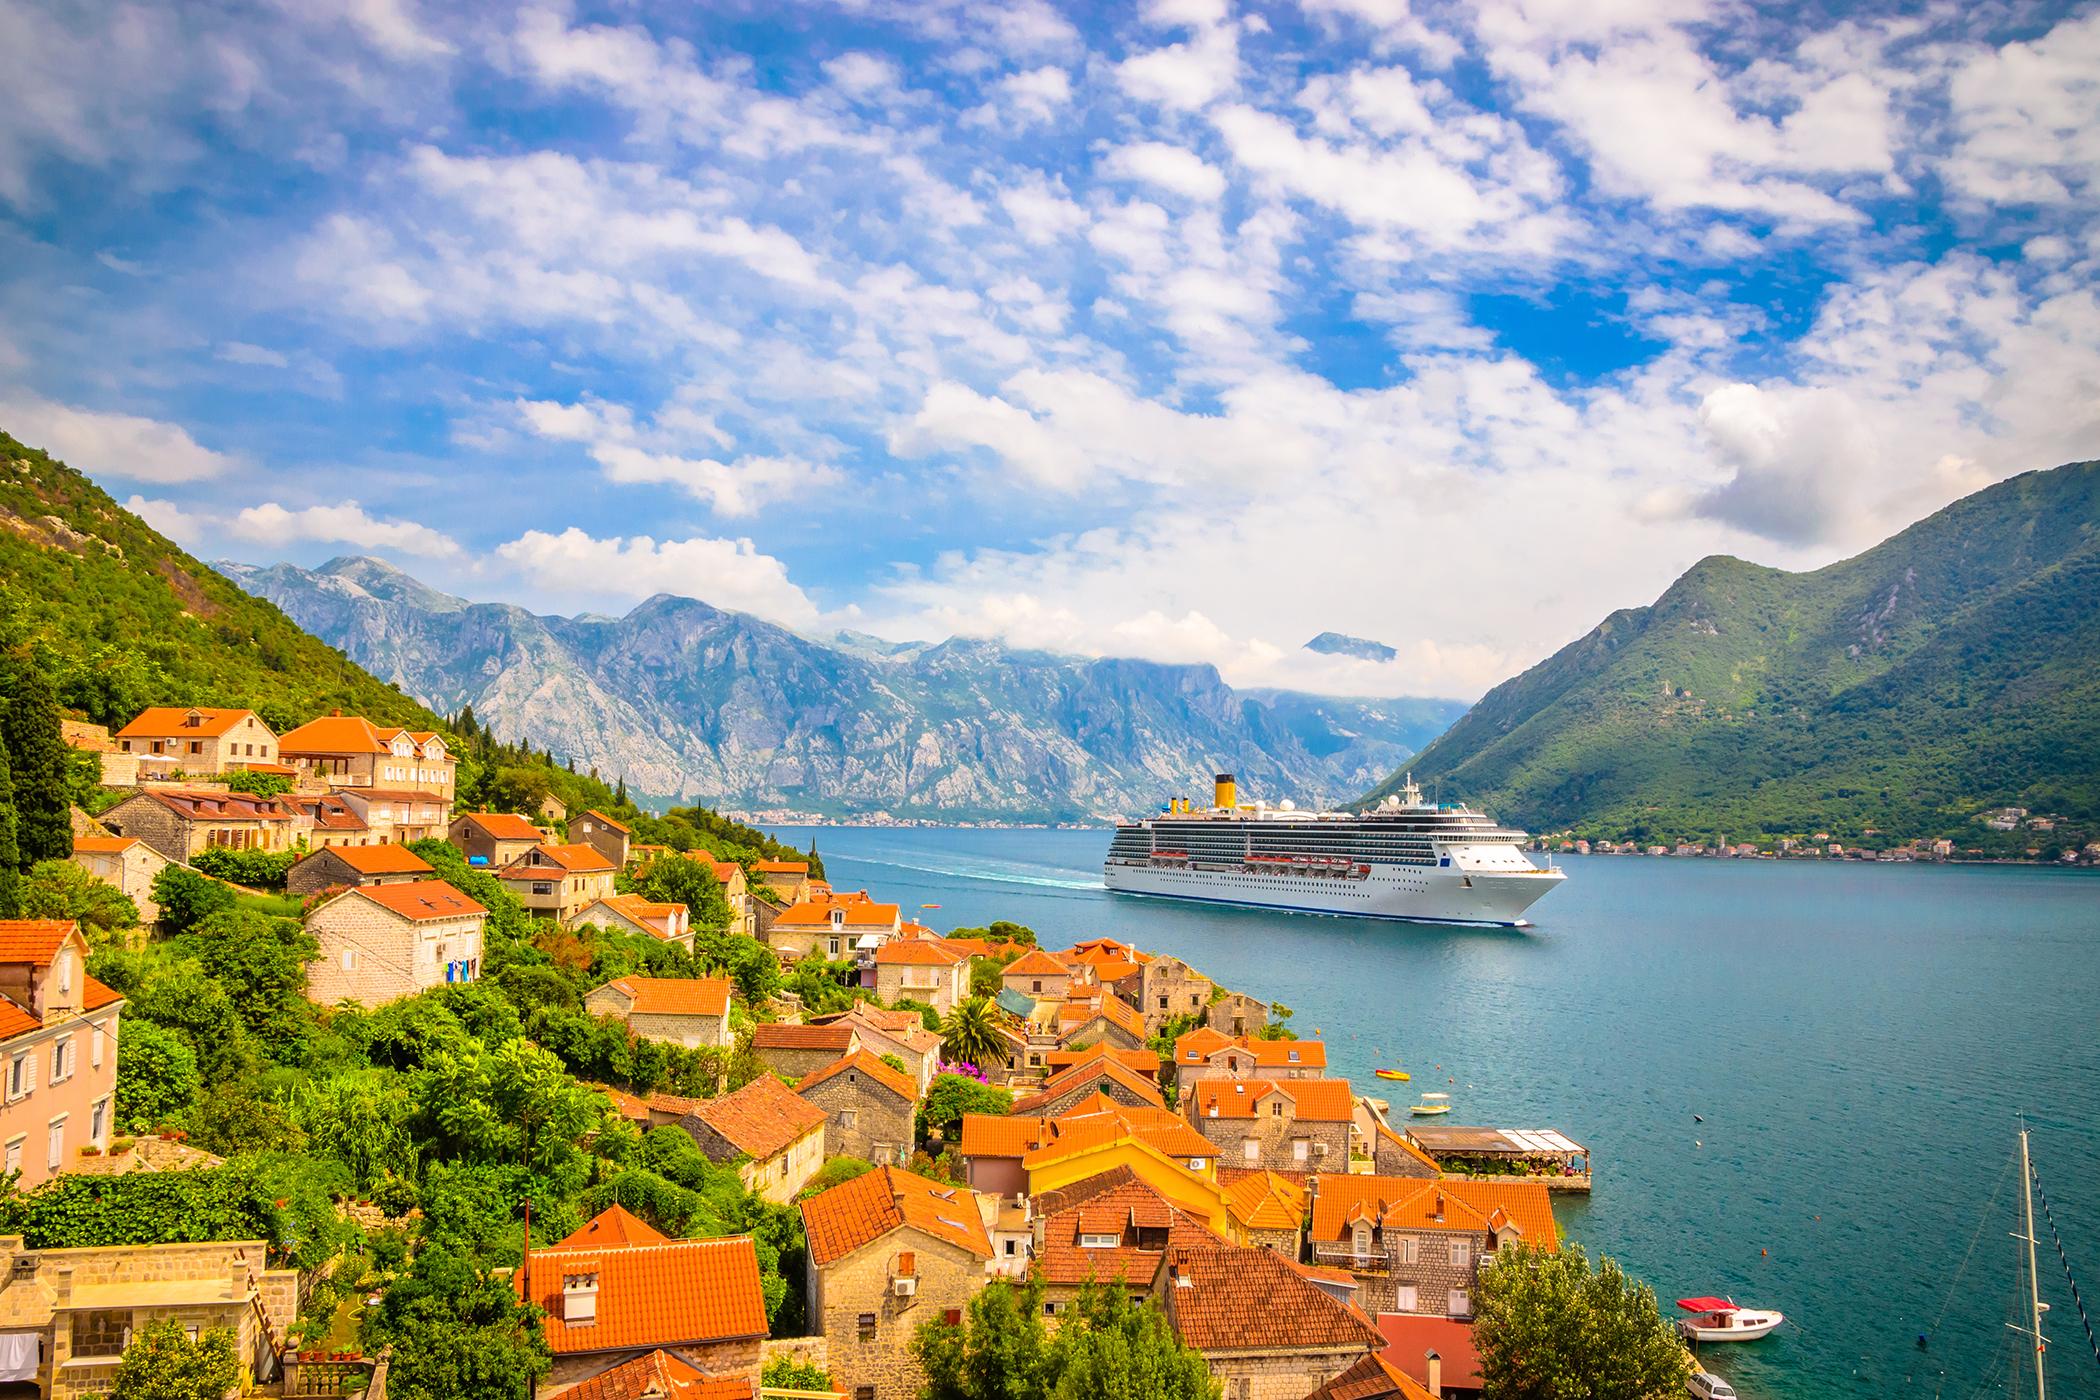 cruise ship in mediterranean.